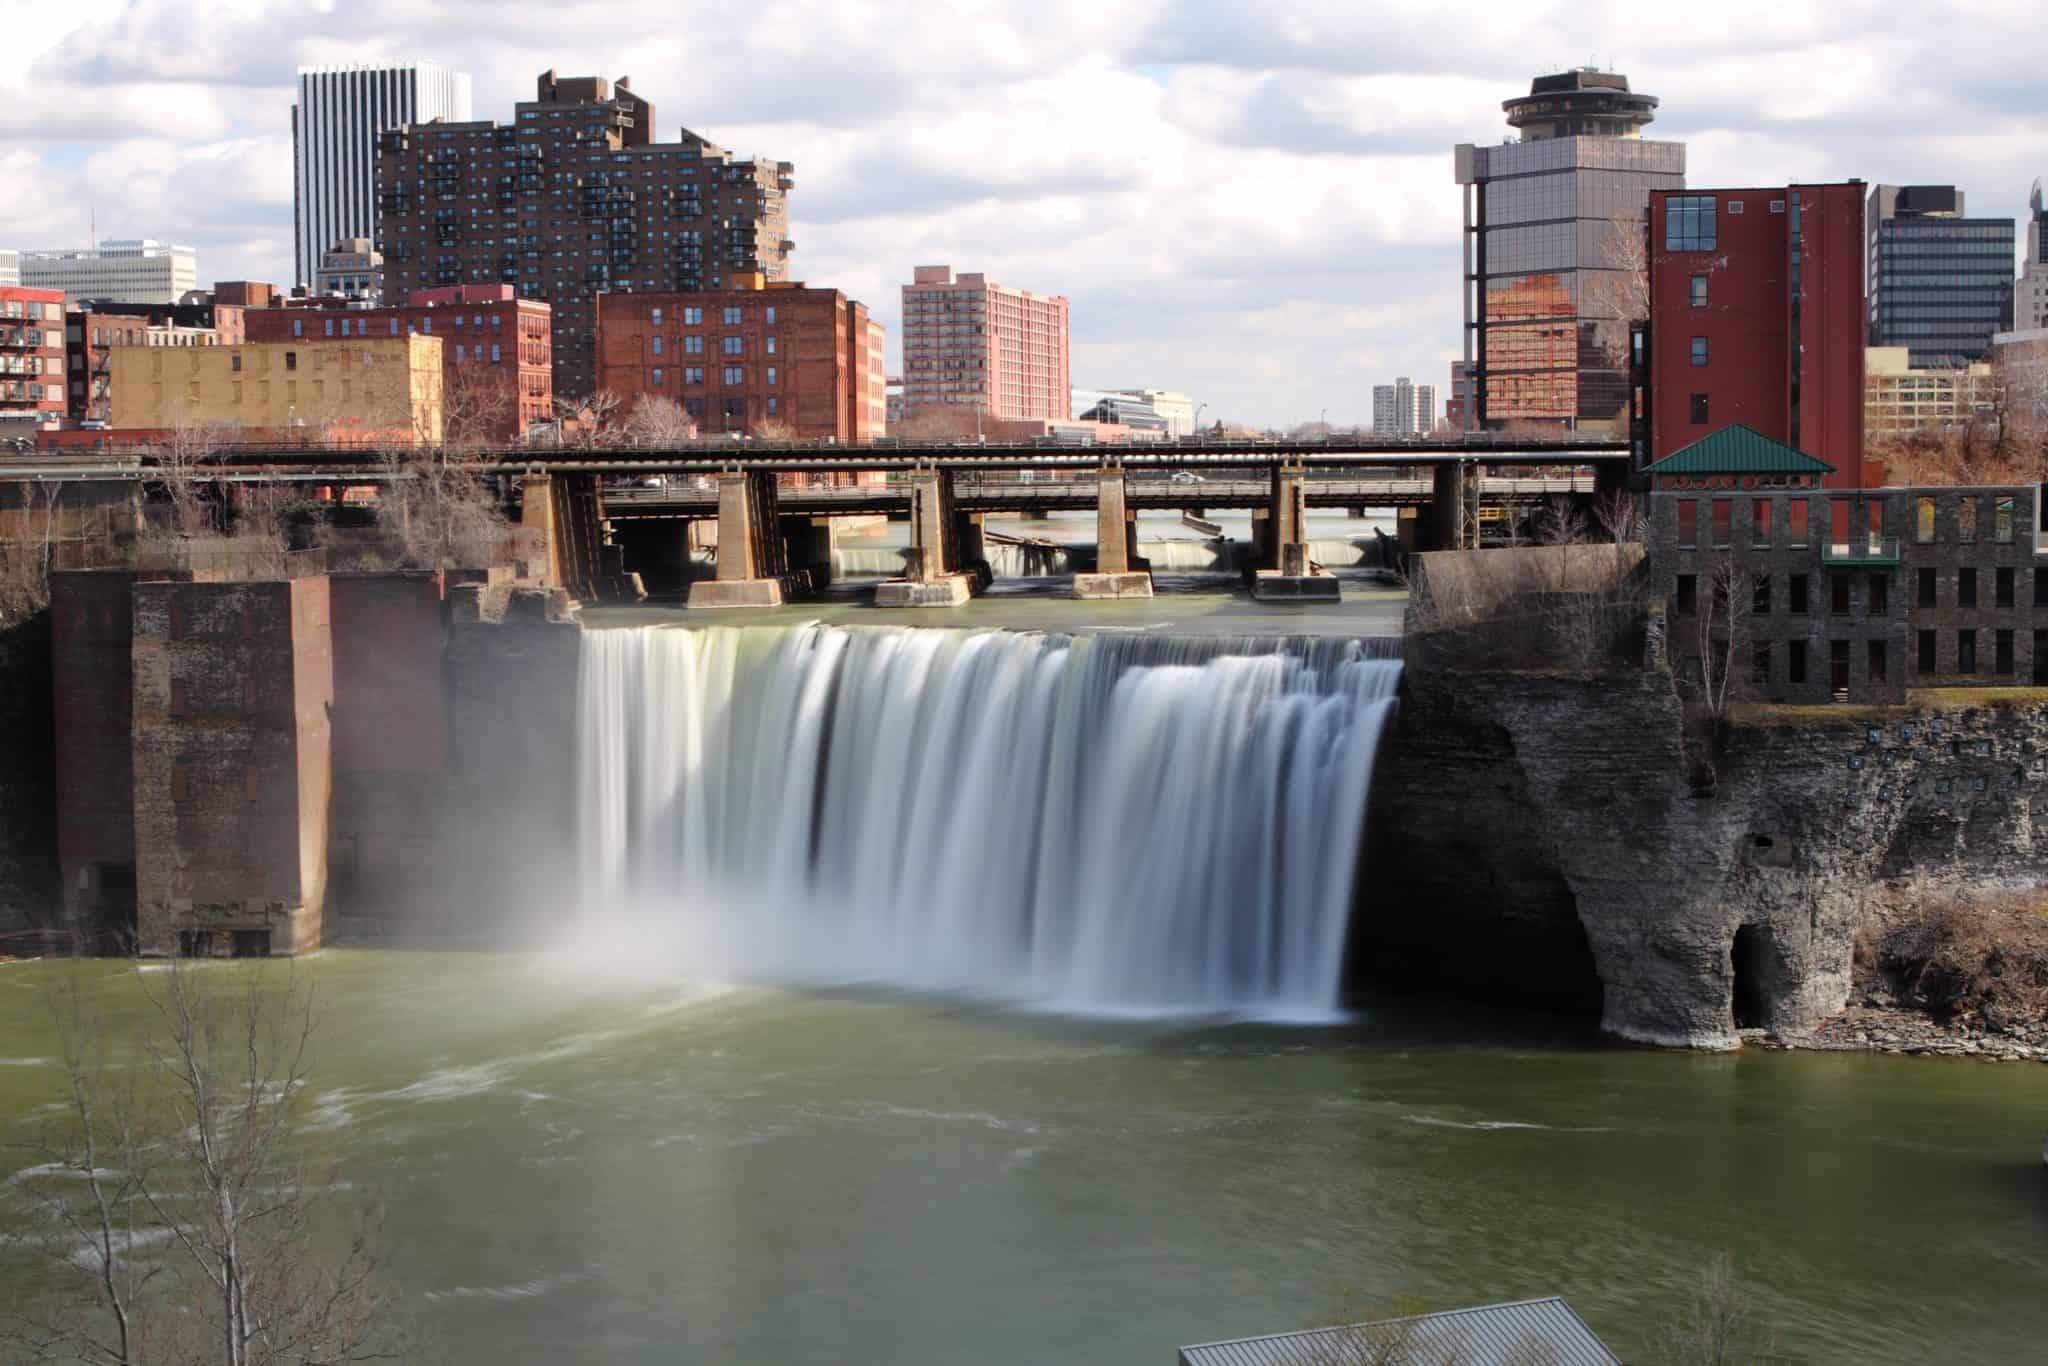 High Falls, Rochestesr NY